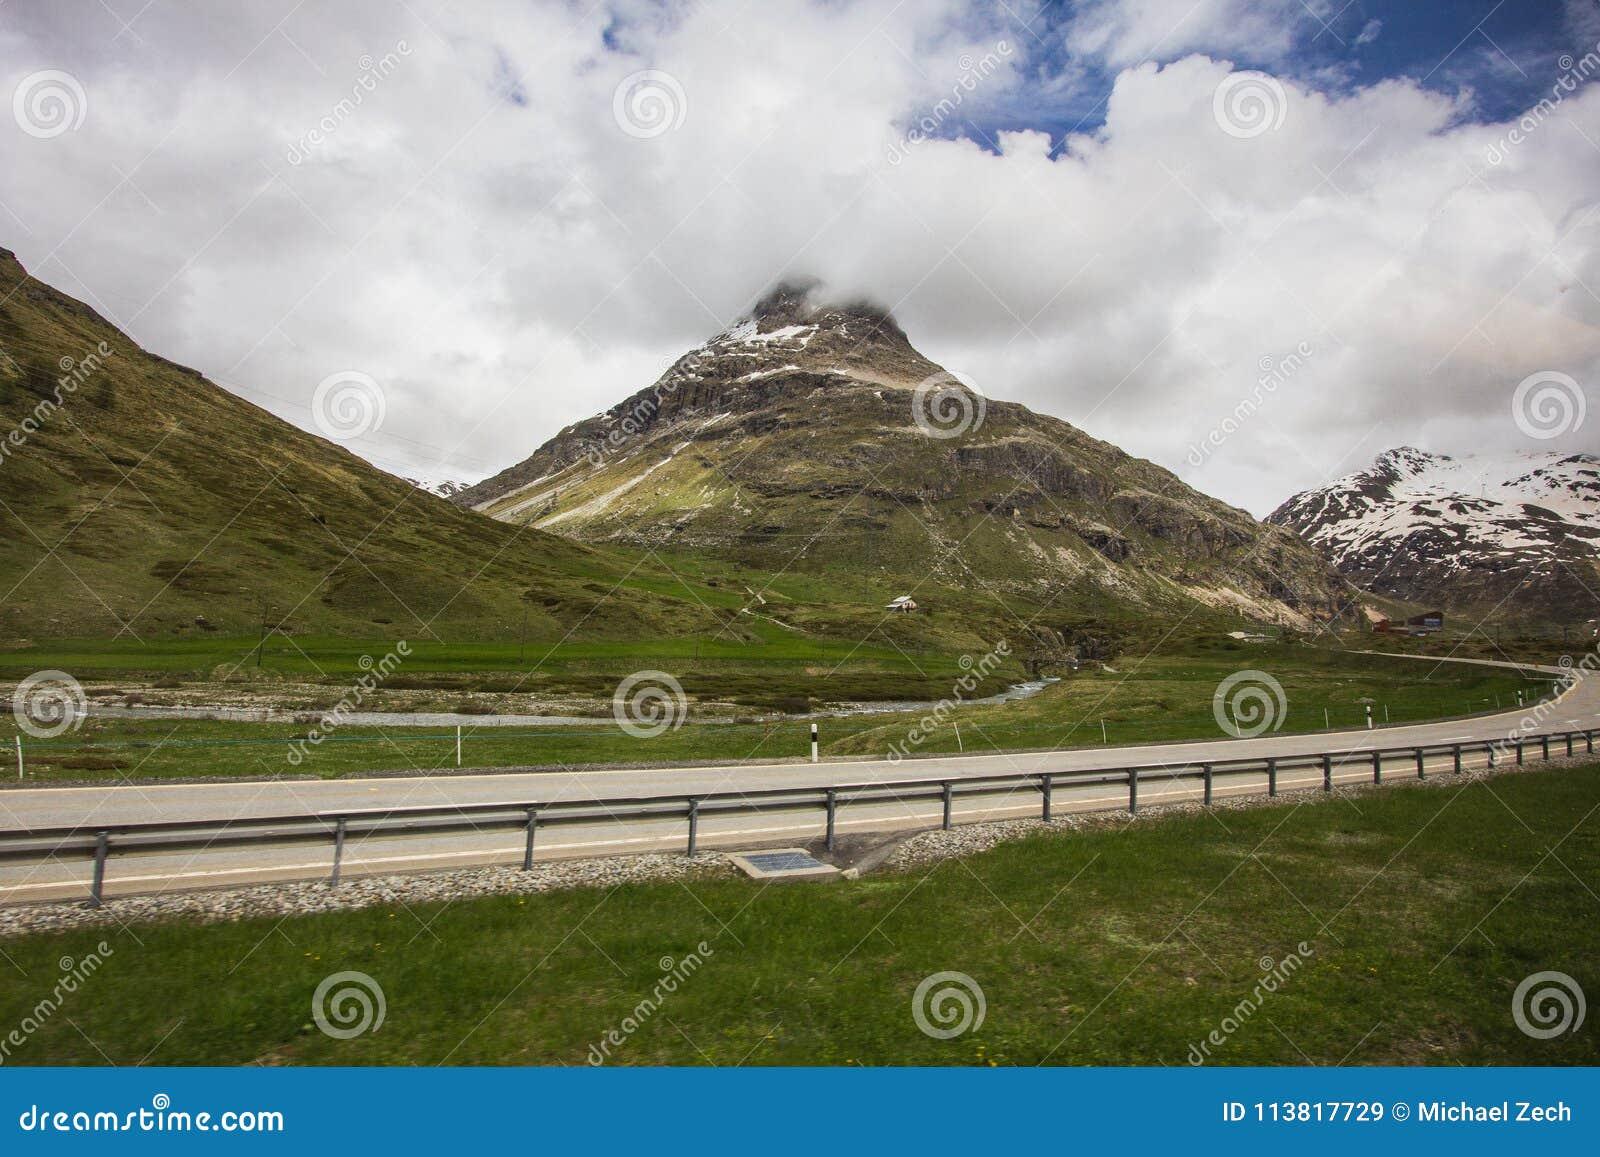 Fantastisch landschap van een weg in Zwitserland met Zwitserse alpen